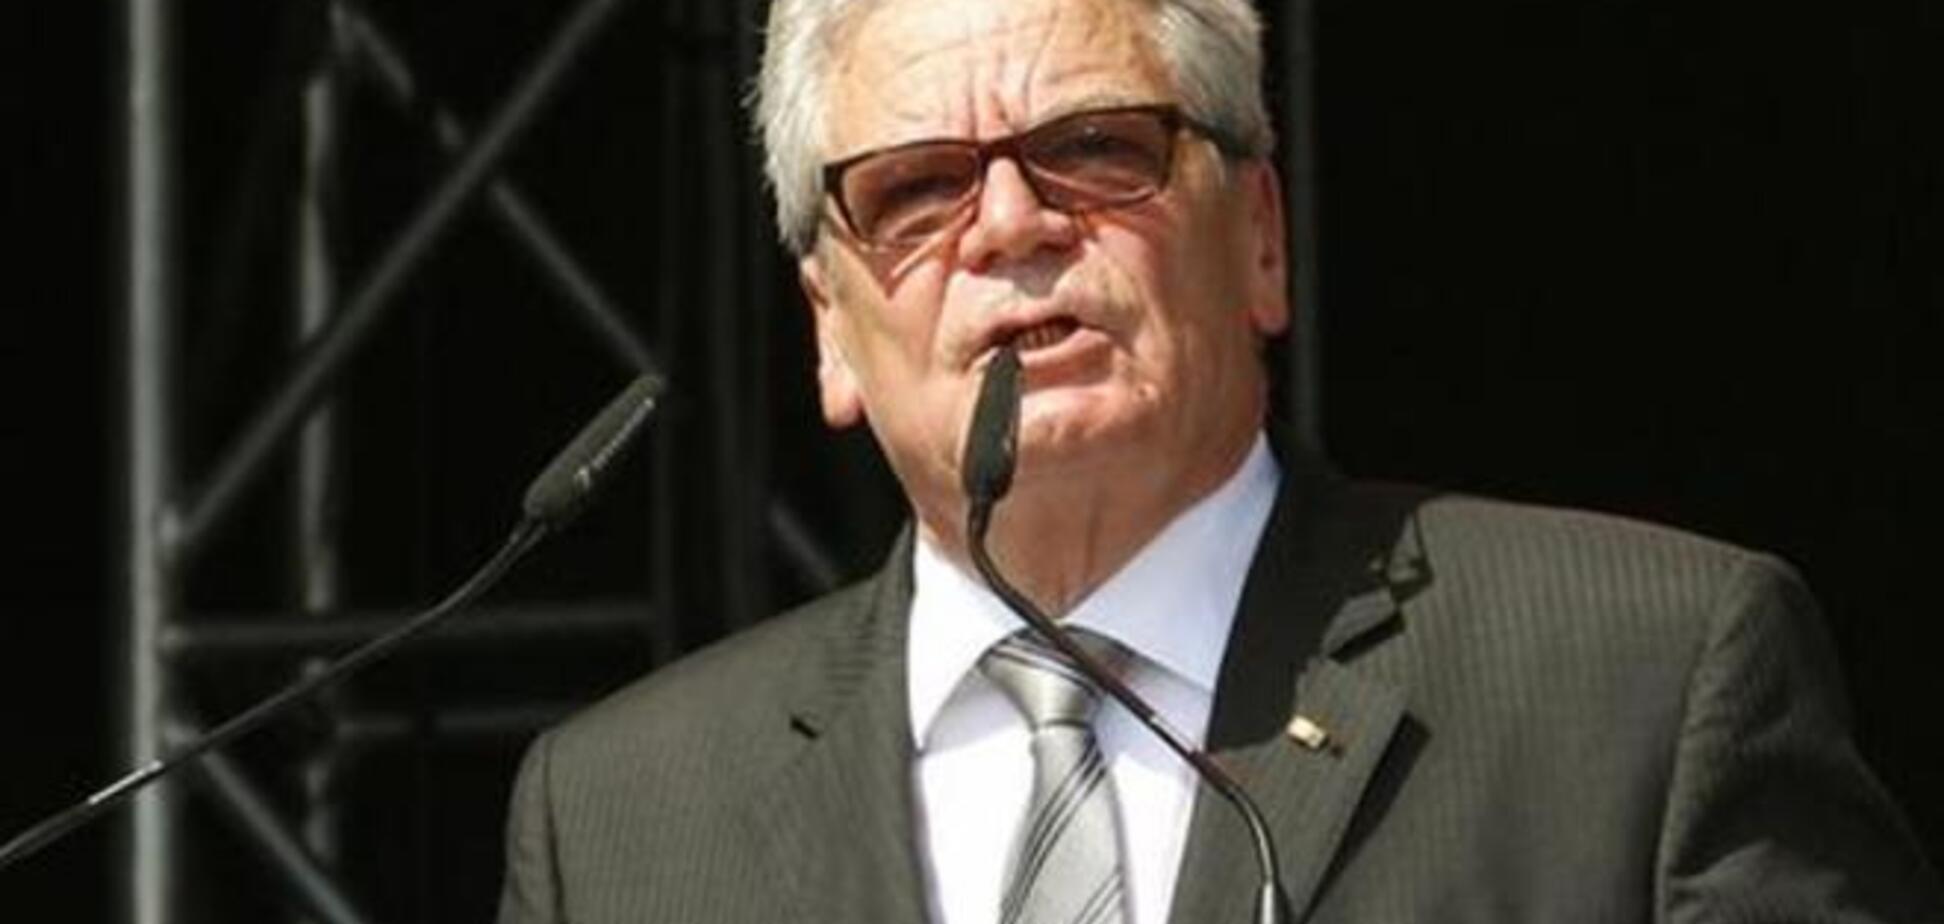 Суд разрешил Президенту ФРГ обзывать радикалов 'придурками'